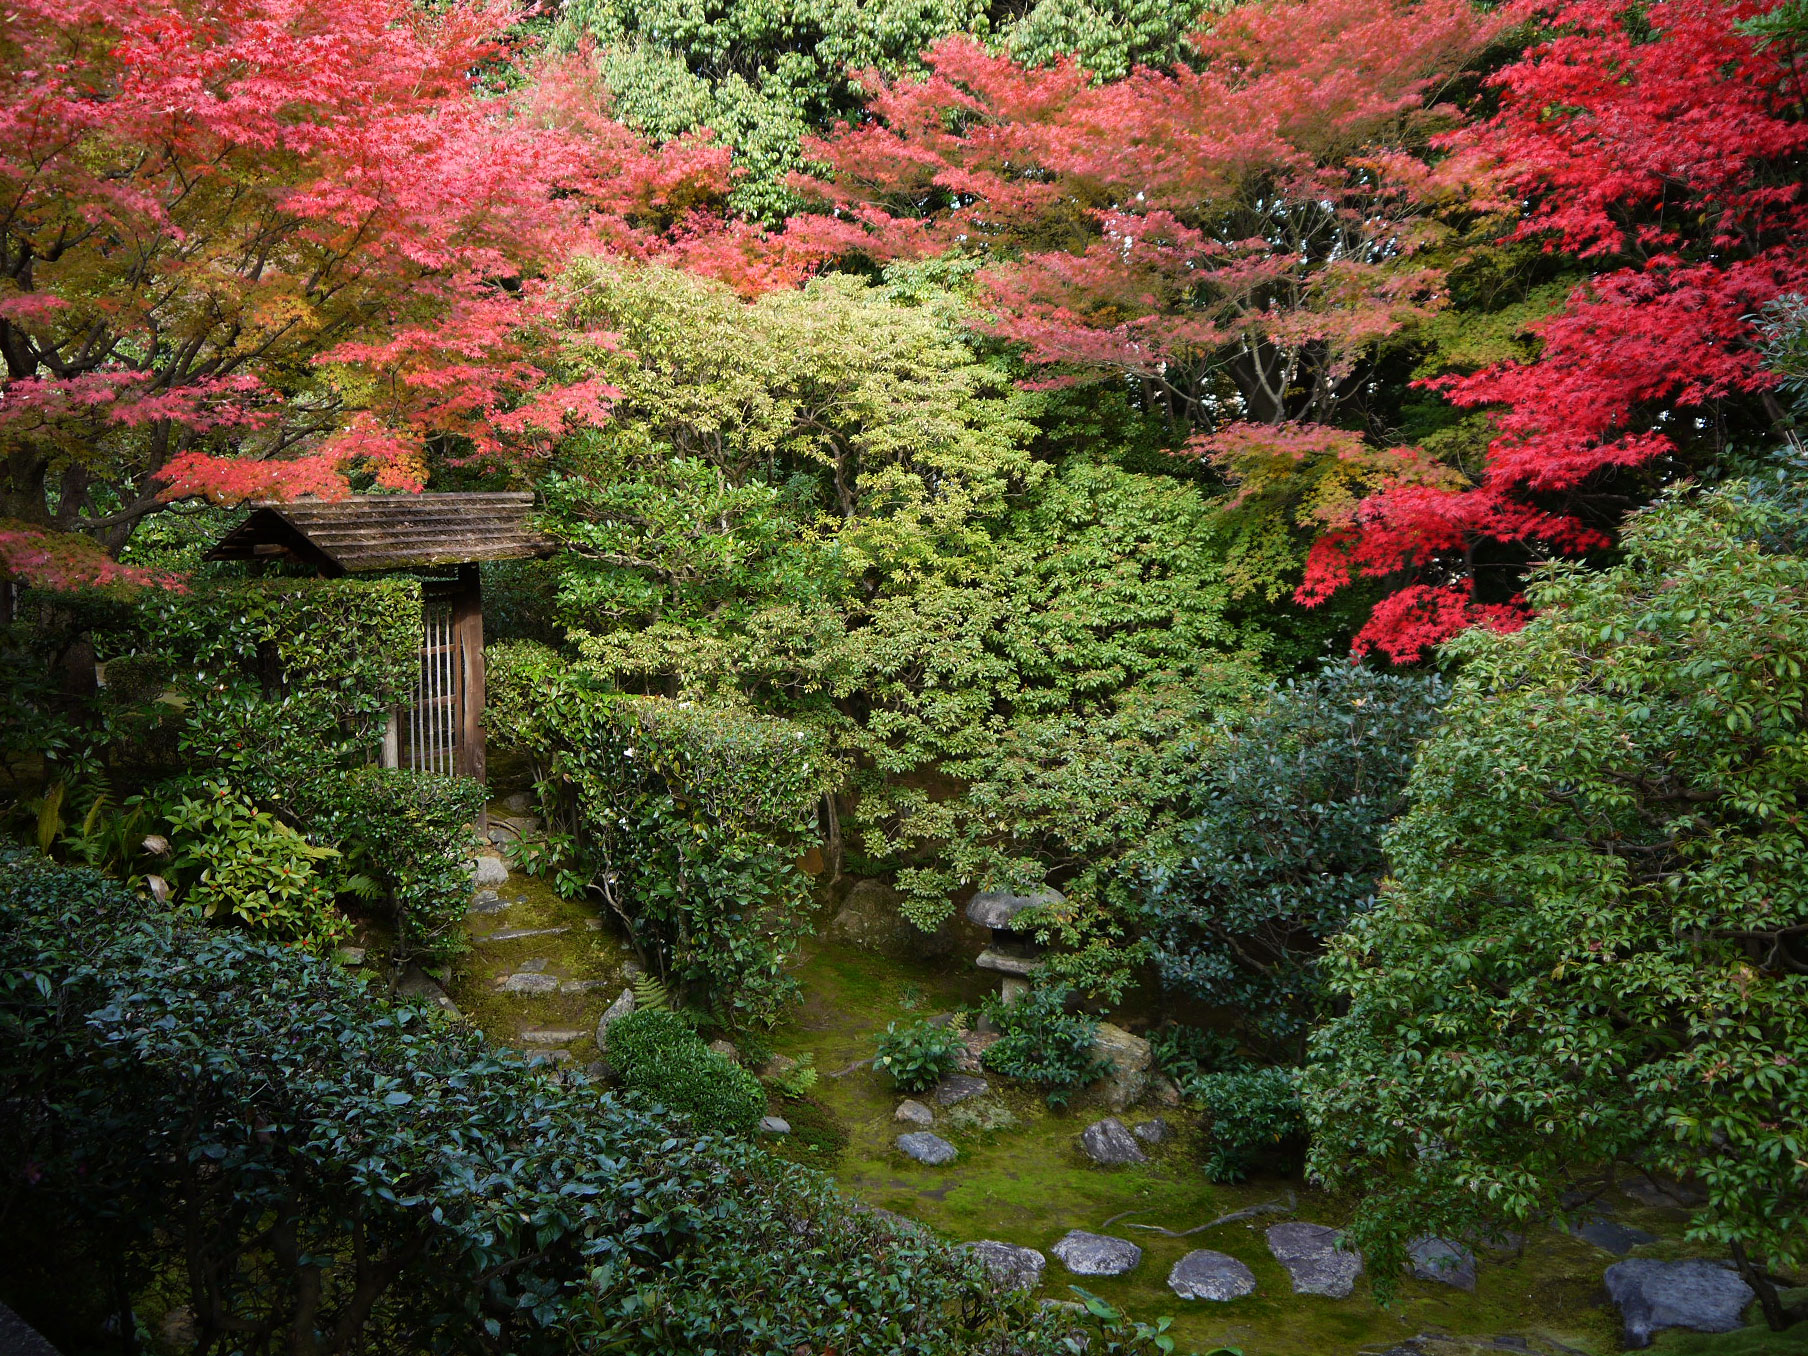 妙心寺桂春院の紅葉の写真素材